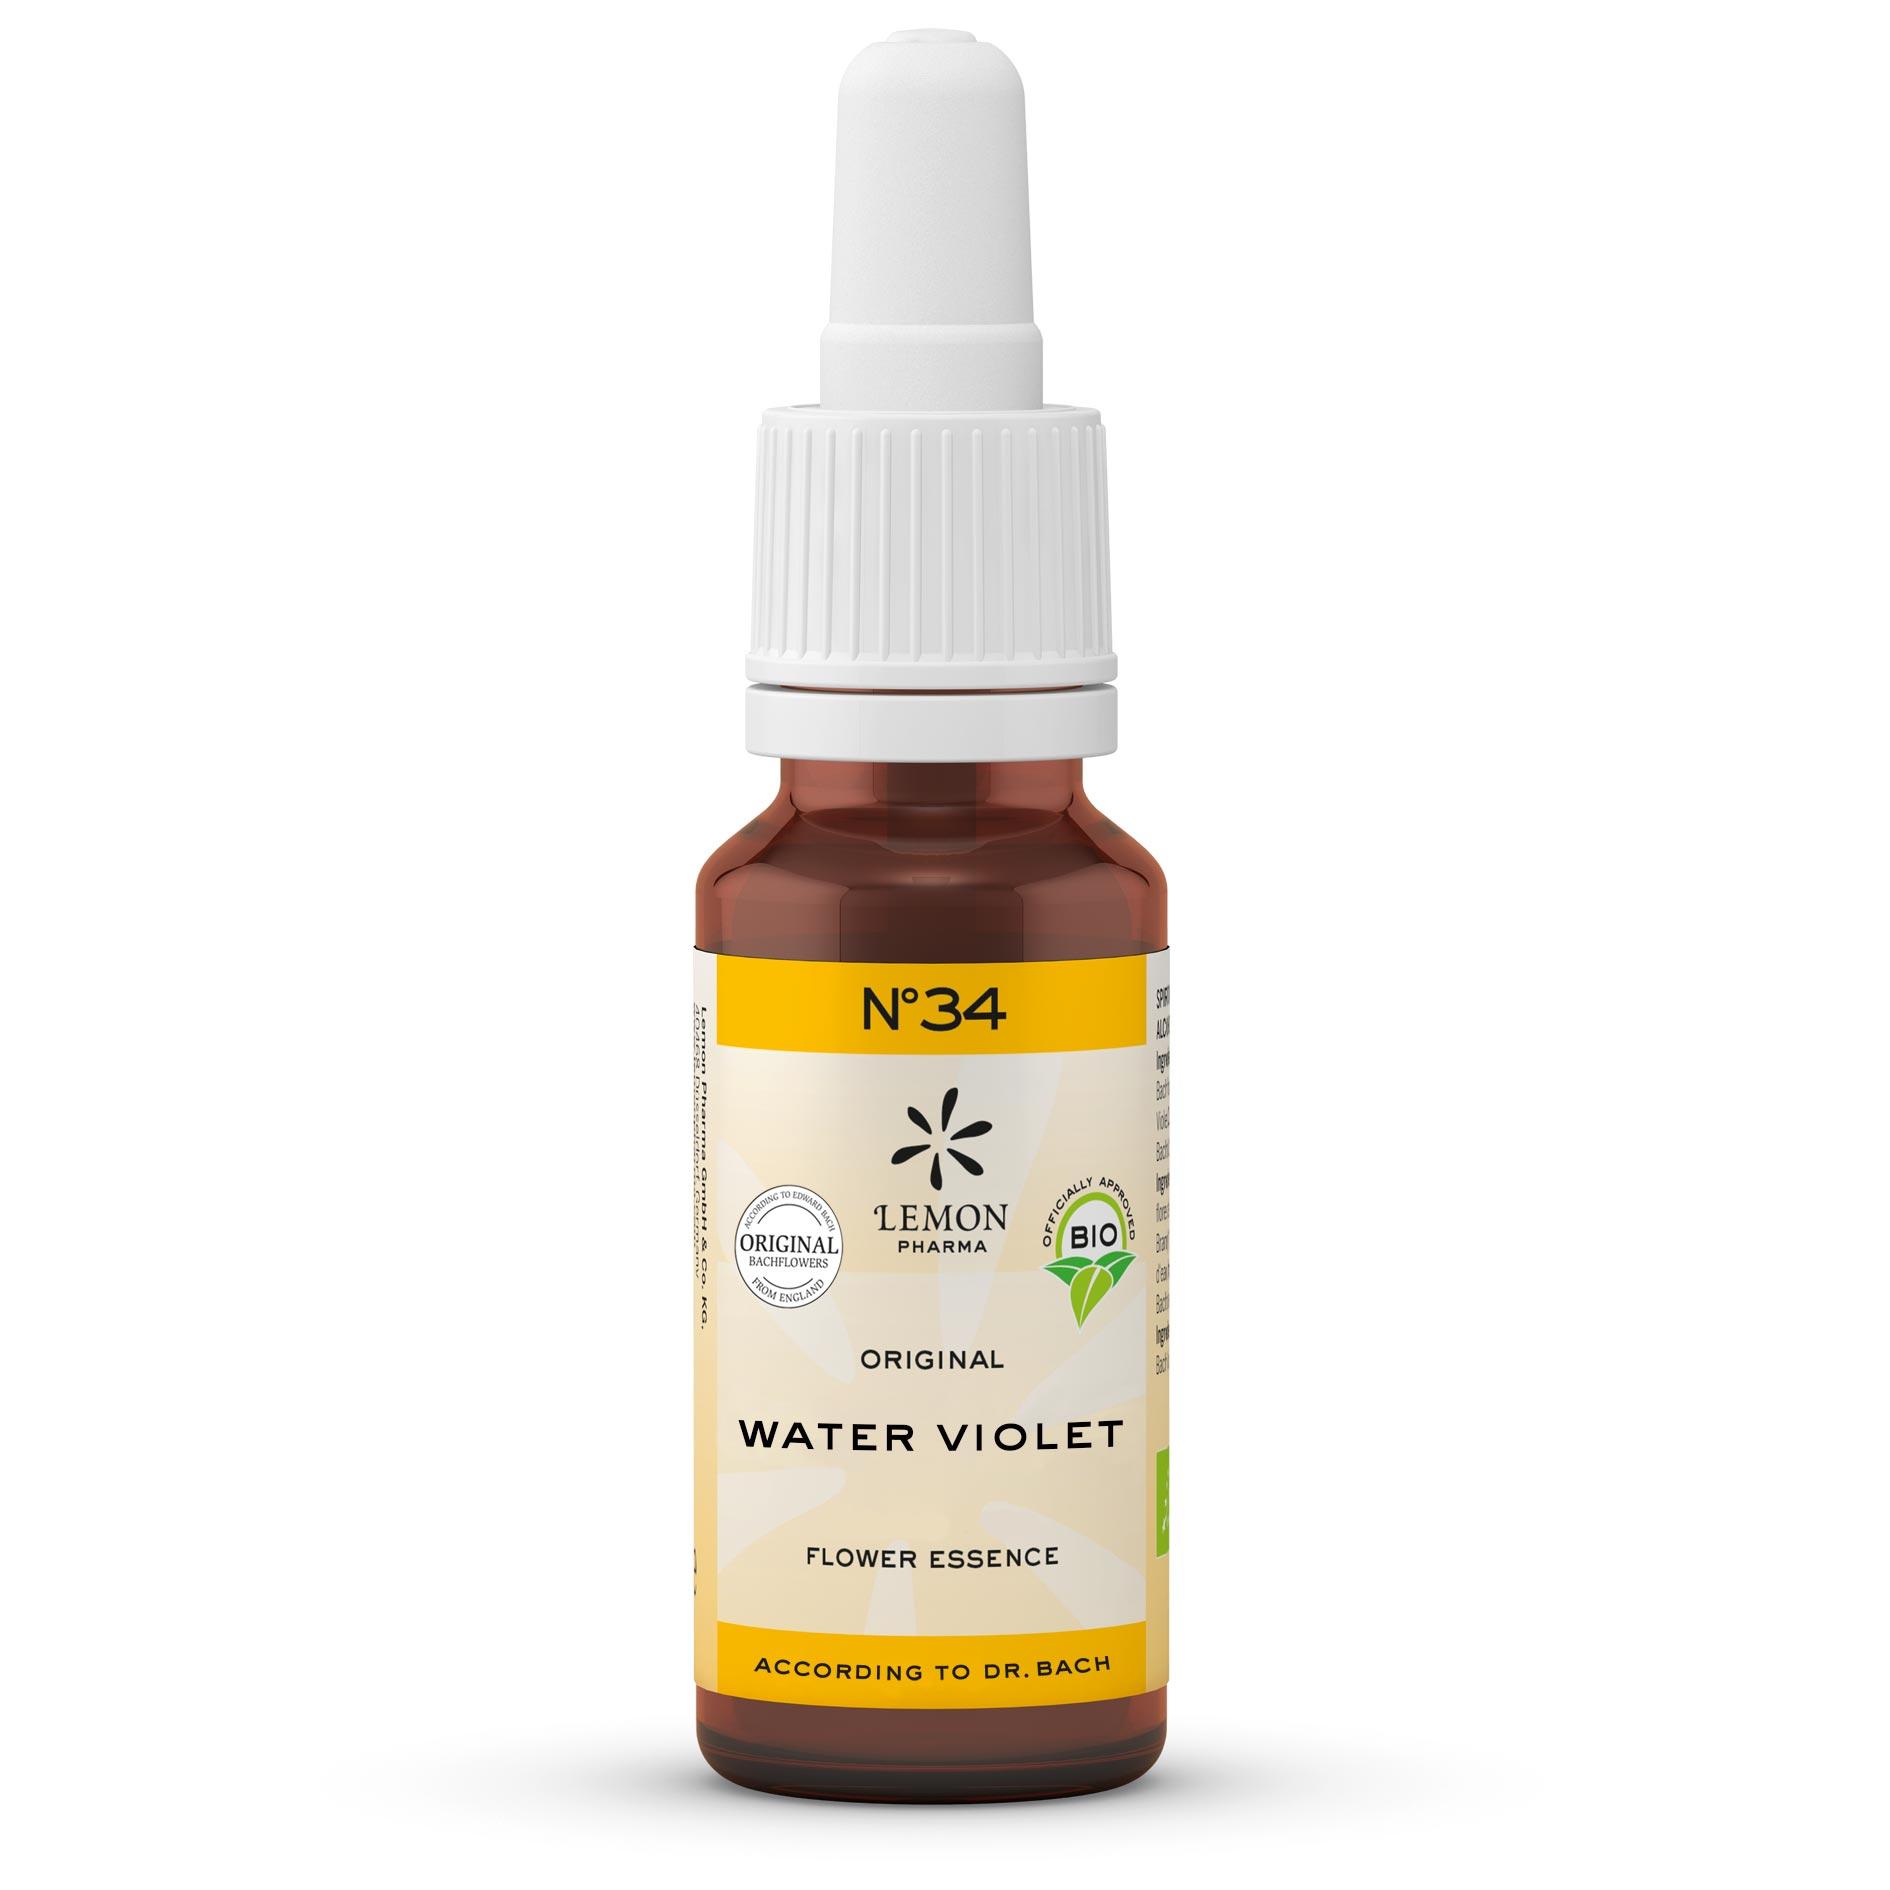 Lemon Pharma Gouttes Fleurs de Bach Original n°34 Water Violet Violette d'eau Solidarité